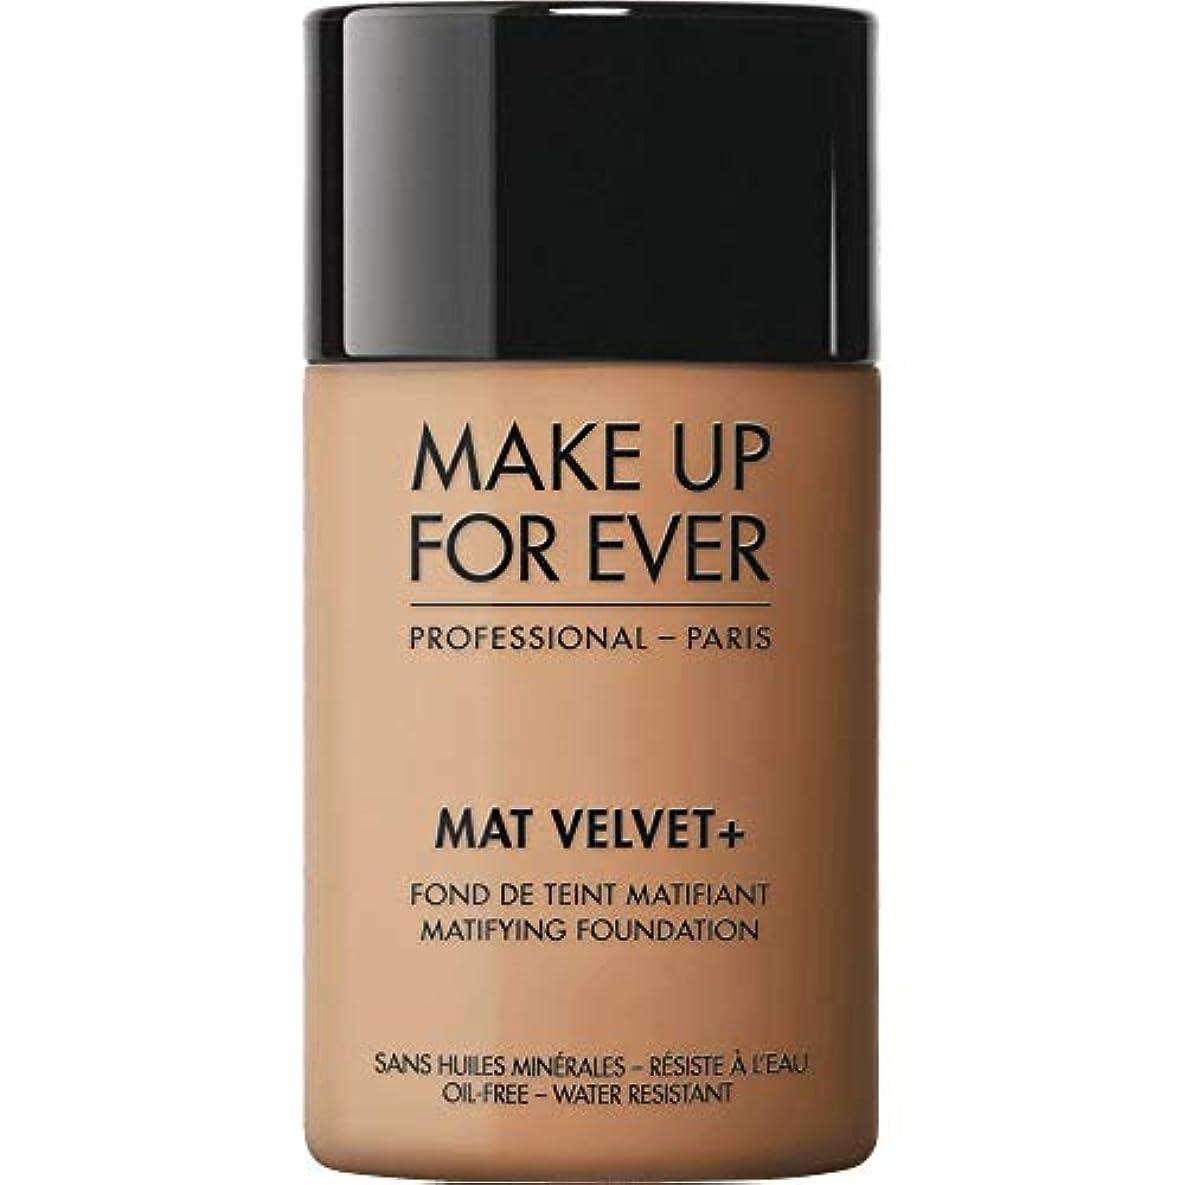 大佐ベアリングサークル会員[MAKE UP FOR EVER ] 暖かい琥珀 - これまでマットベルベット+マティファイングの基礎30ミリリットル67を補います - MAKE UP FOR EVER Mat Velvet+ Matifying Foundation...